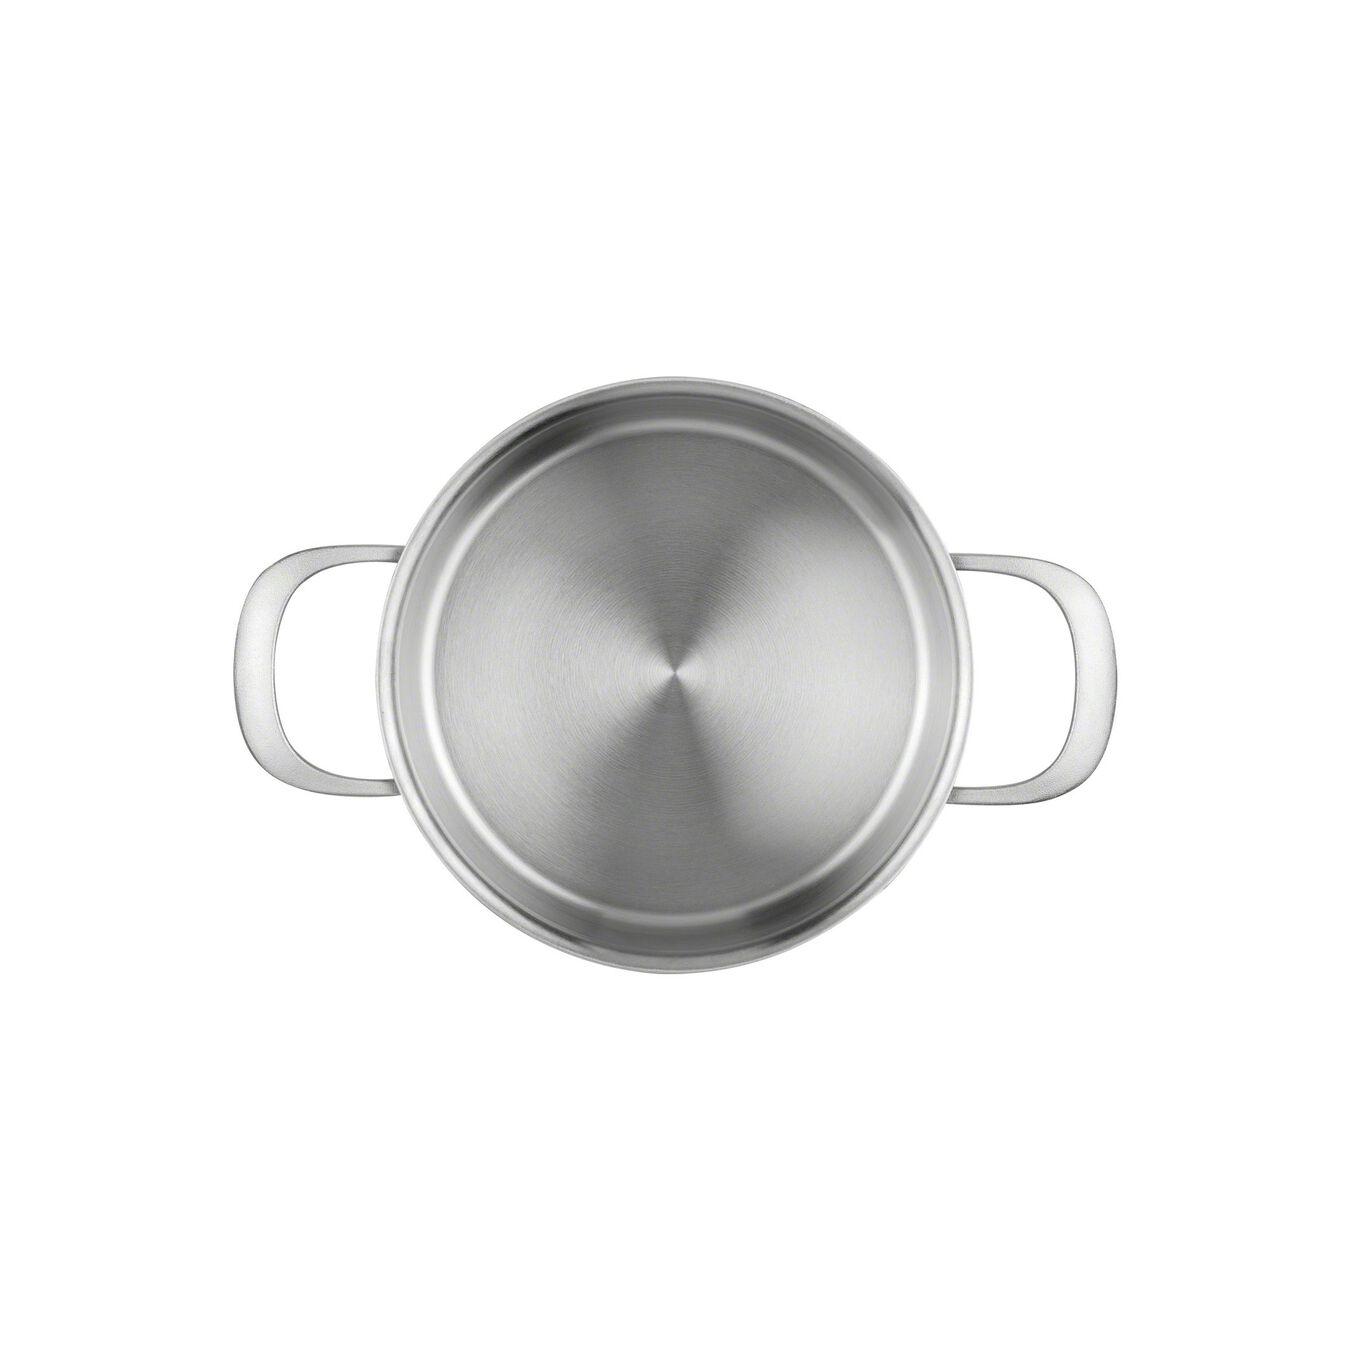 Pentola - 24 cm, acciaio,,large 2